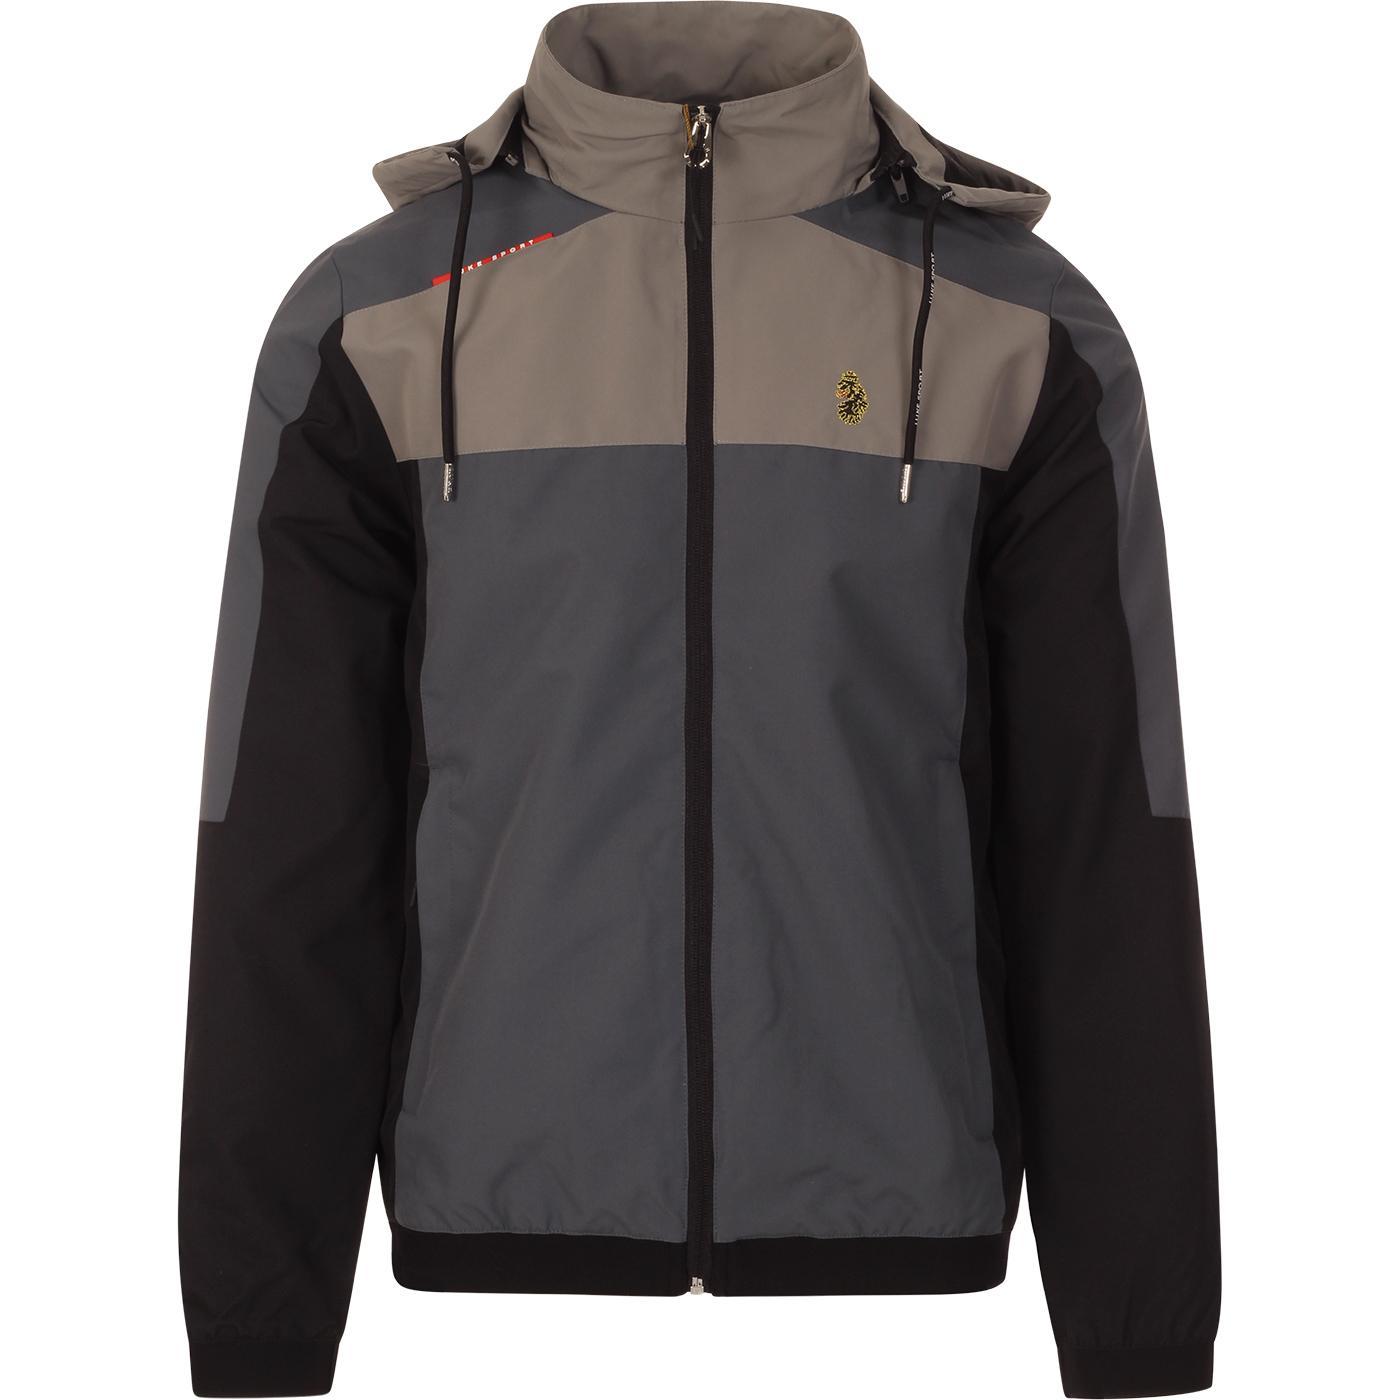 Brownhills Benyon LUKE Sport Retro Hooded Jacket M